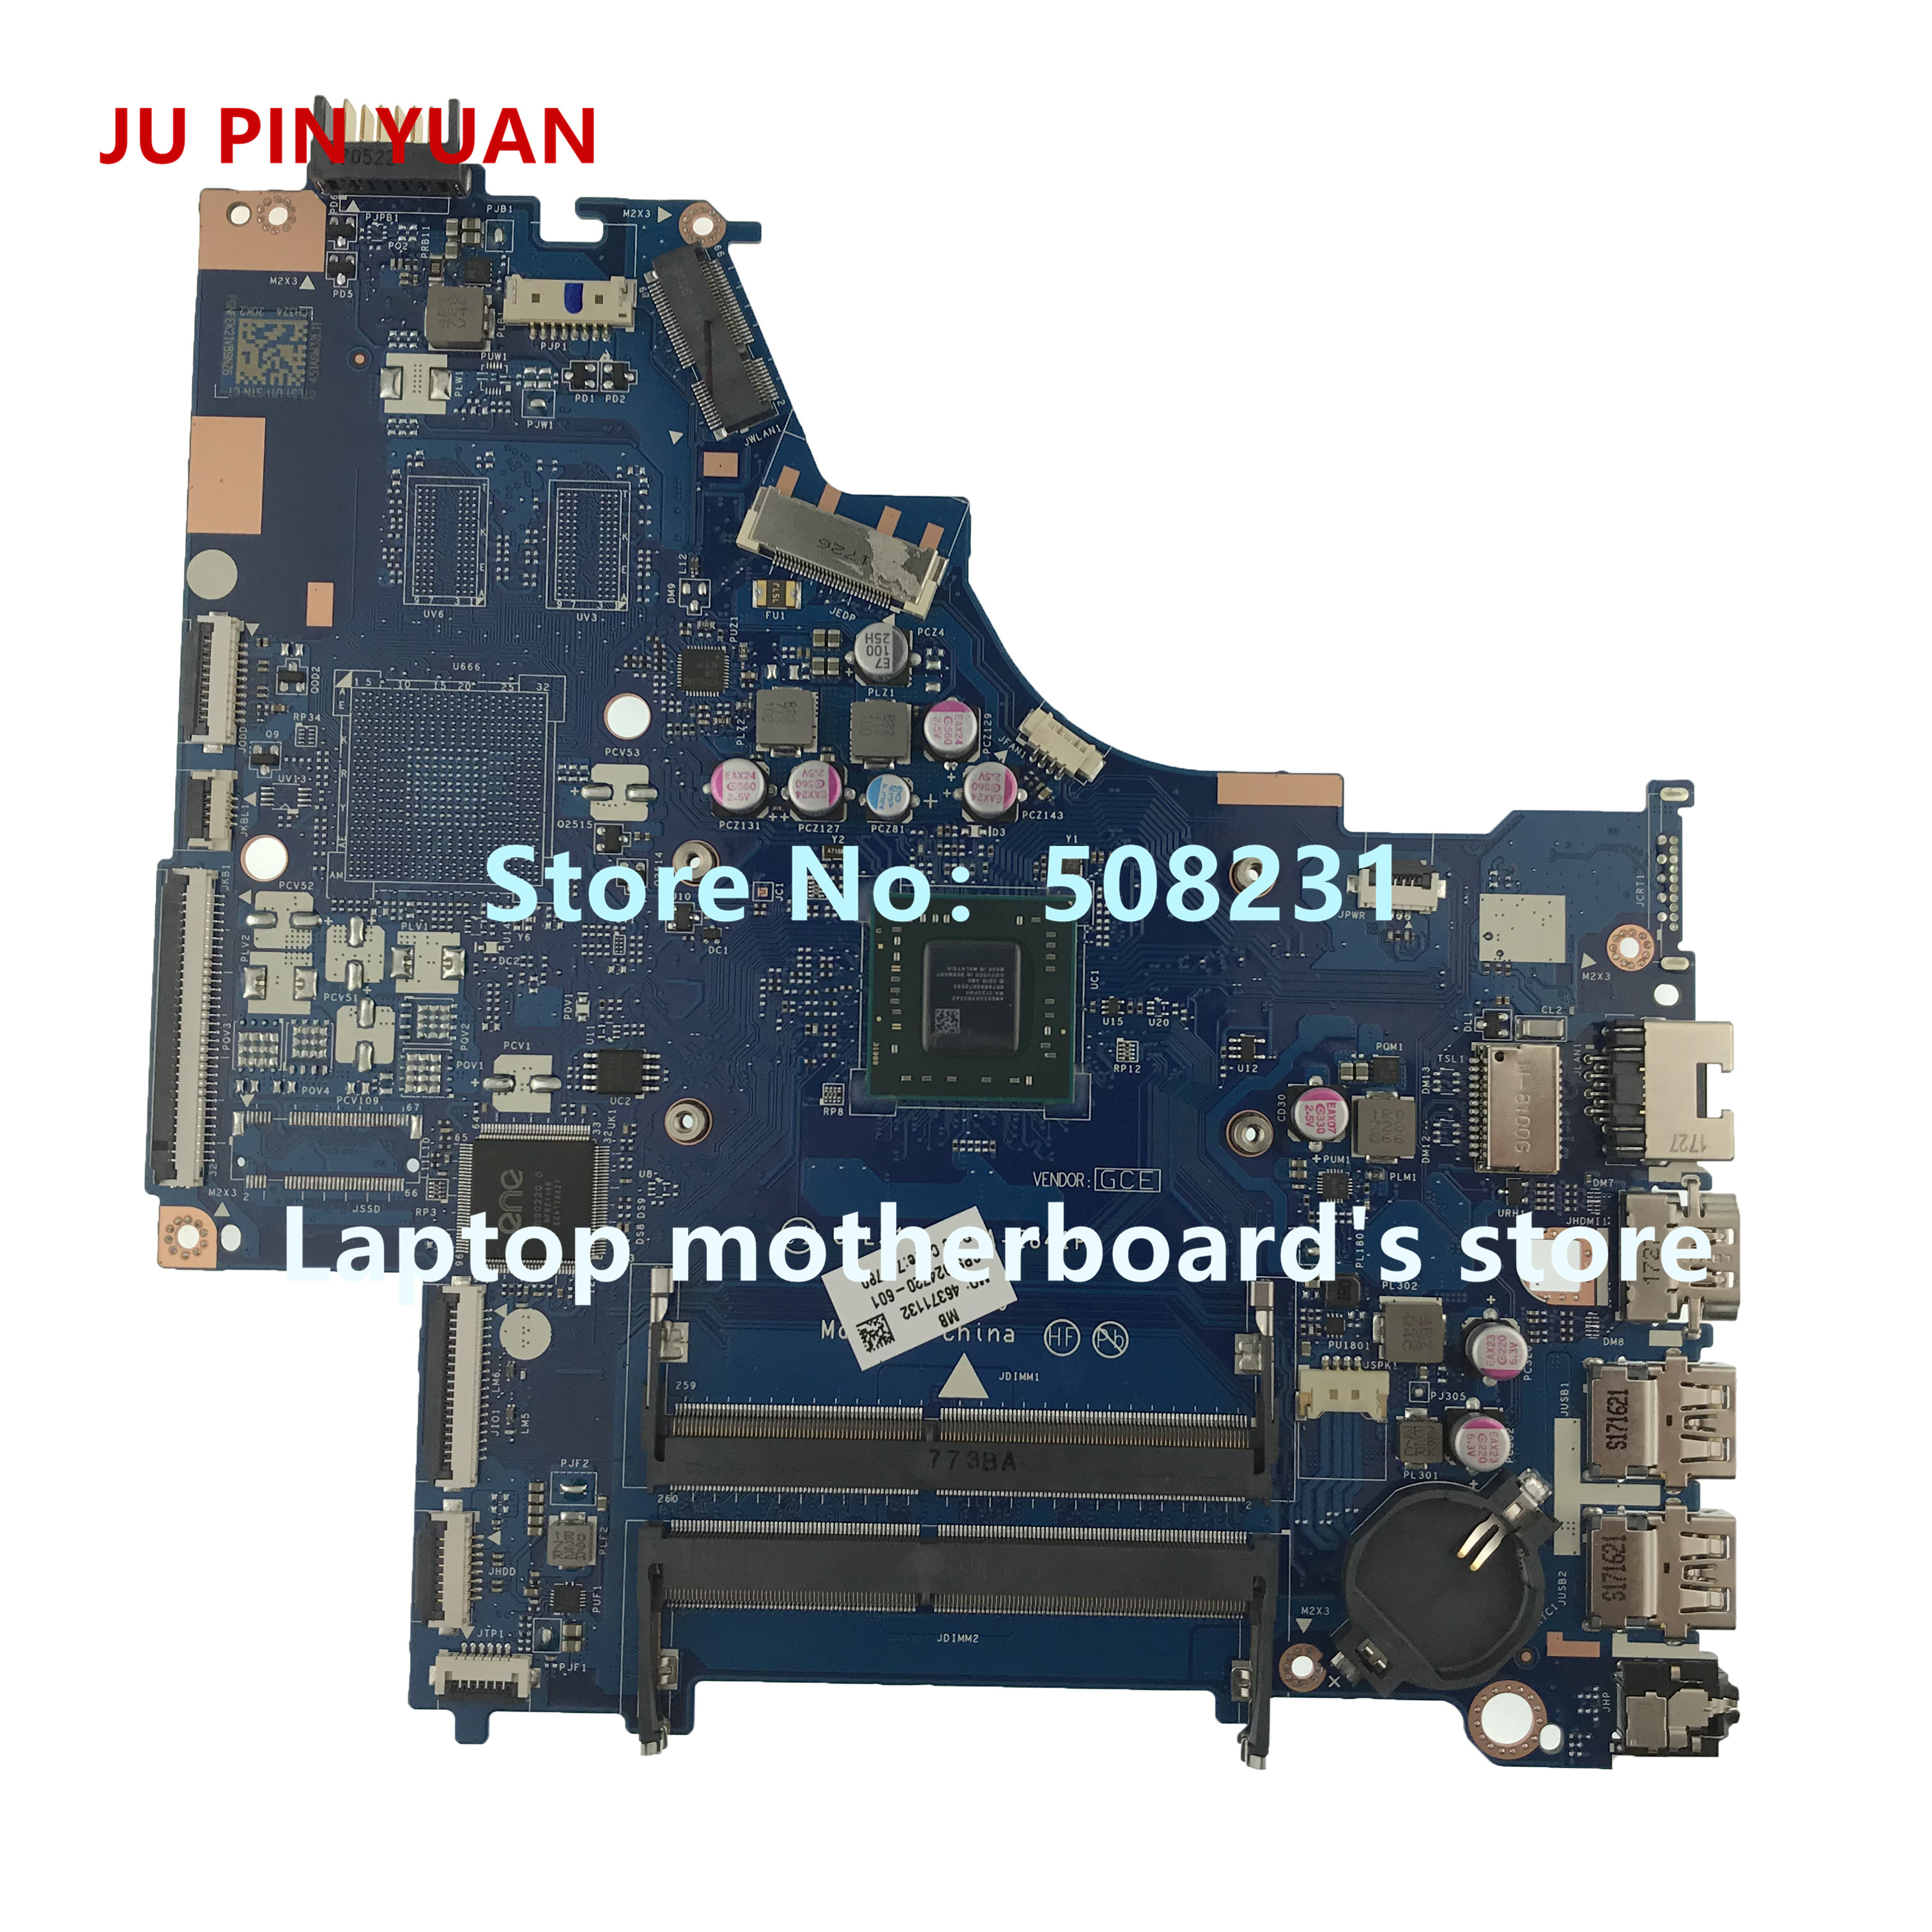 JU PIN YUAN 924720-601 CTL51/53 LA-E841P 15-bw066sa Laptop Motherboard mainboard Para HP LAPTOP 15-BW A6-9220P totalmente testado